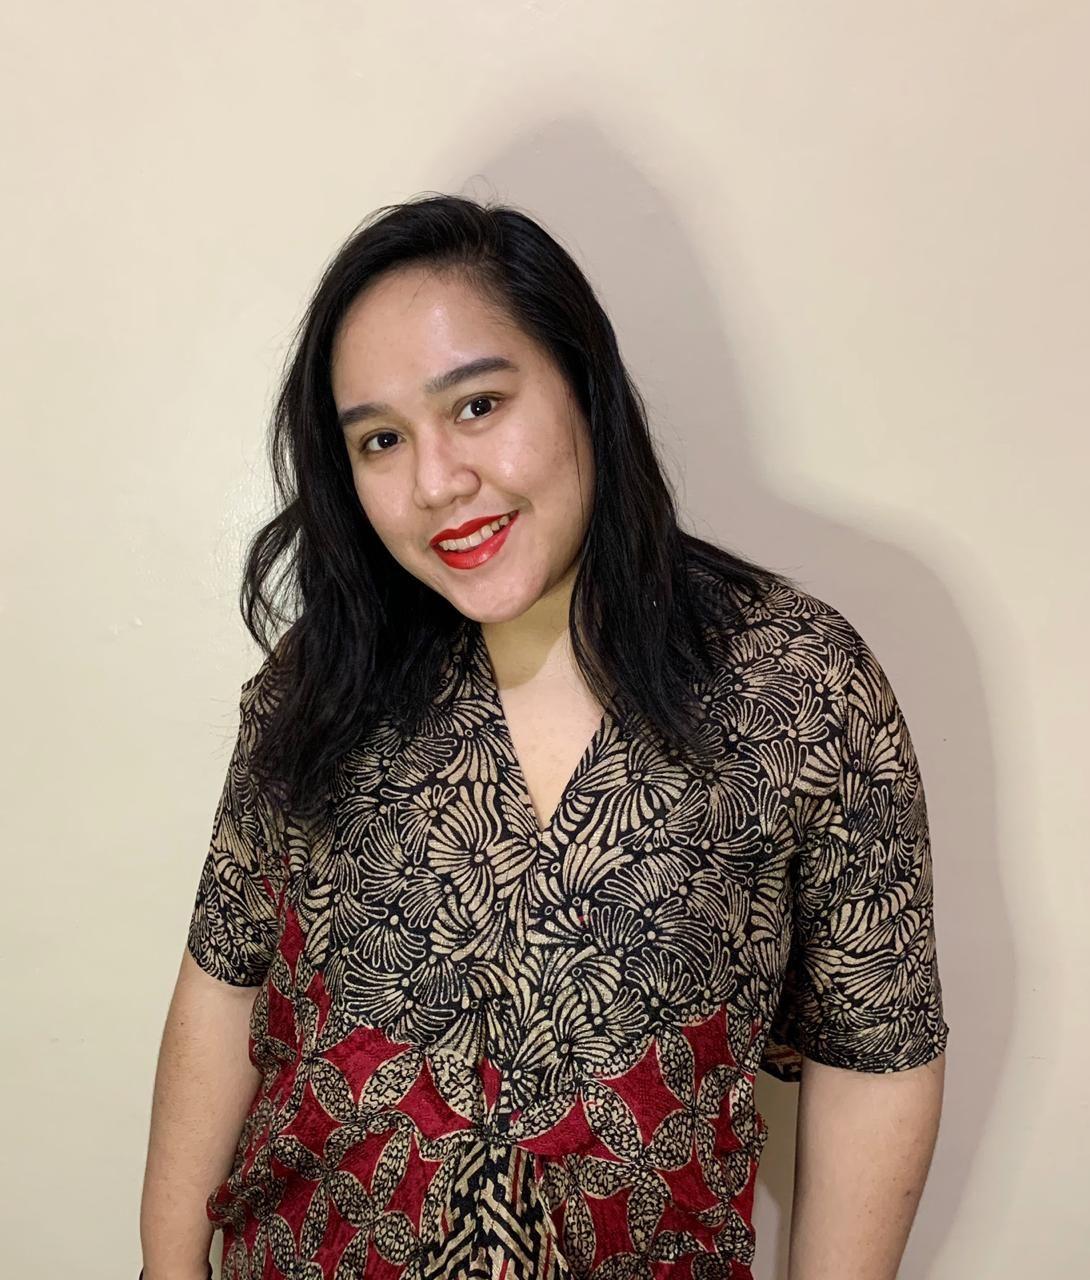 Gaya Tim Popbela Pakai Batik, Masing-masing Punya Gaya Unik